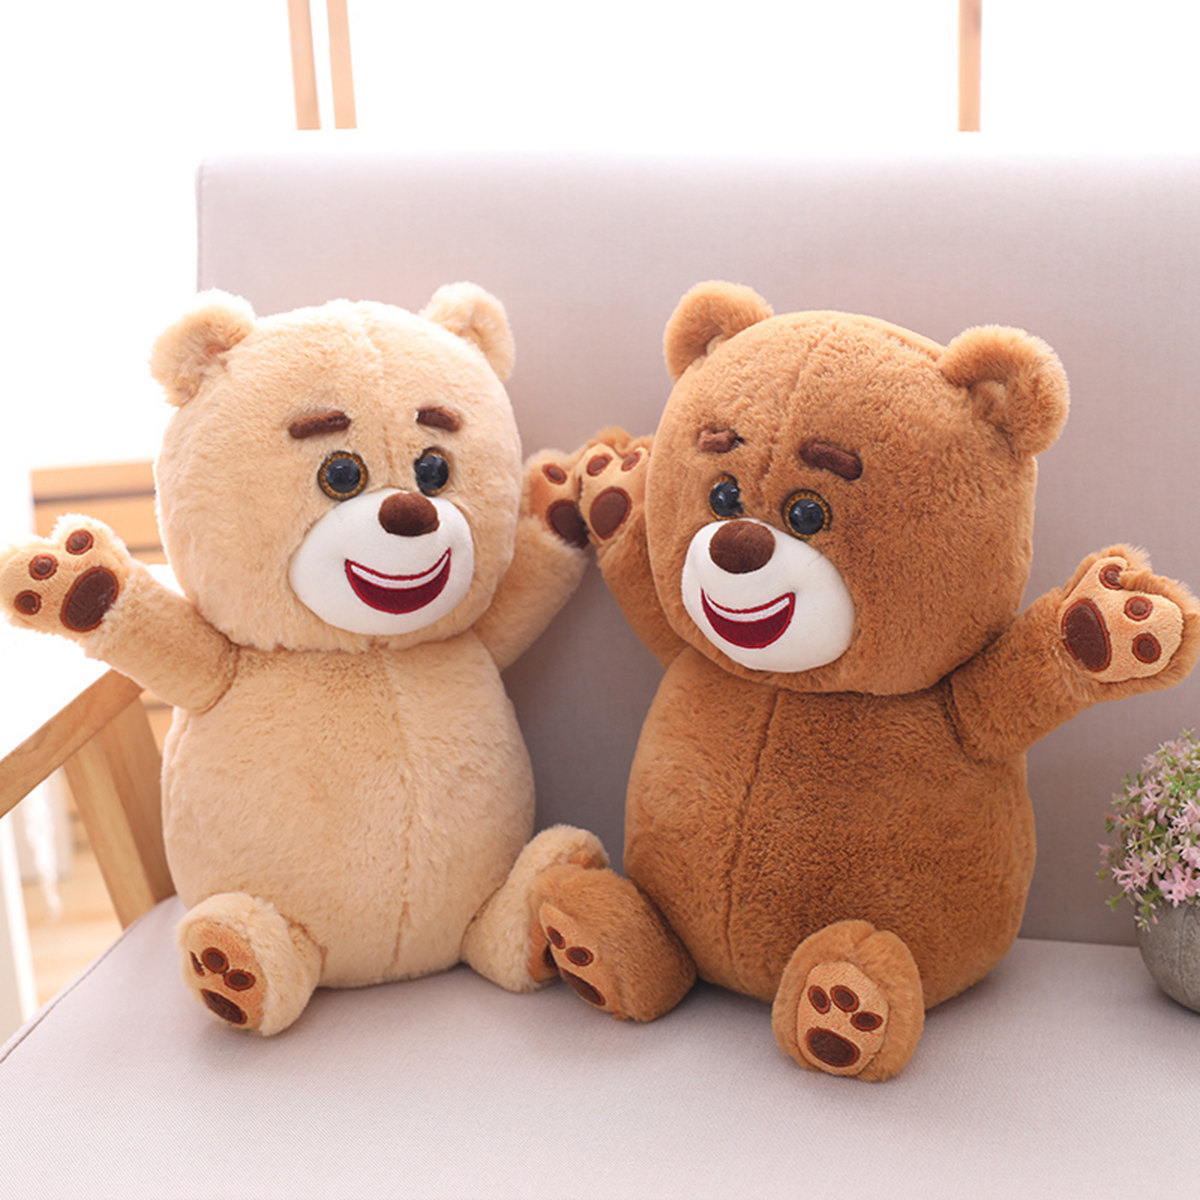 zoobies小熊玩具抱枕生日公仔二合一可爱玩具儿童毛绒泸定靠枕城图片